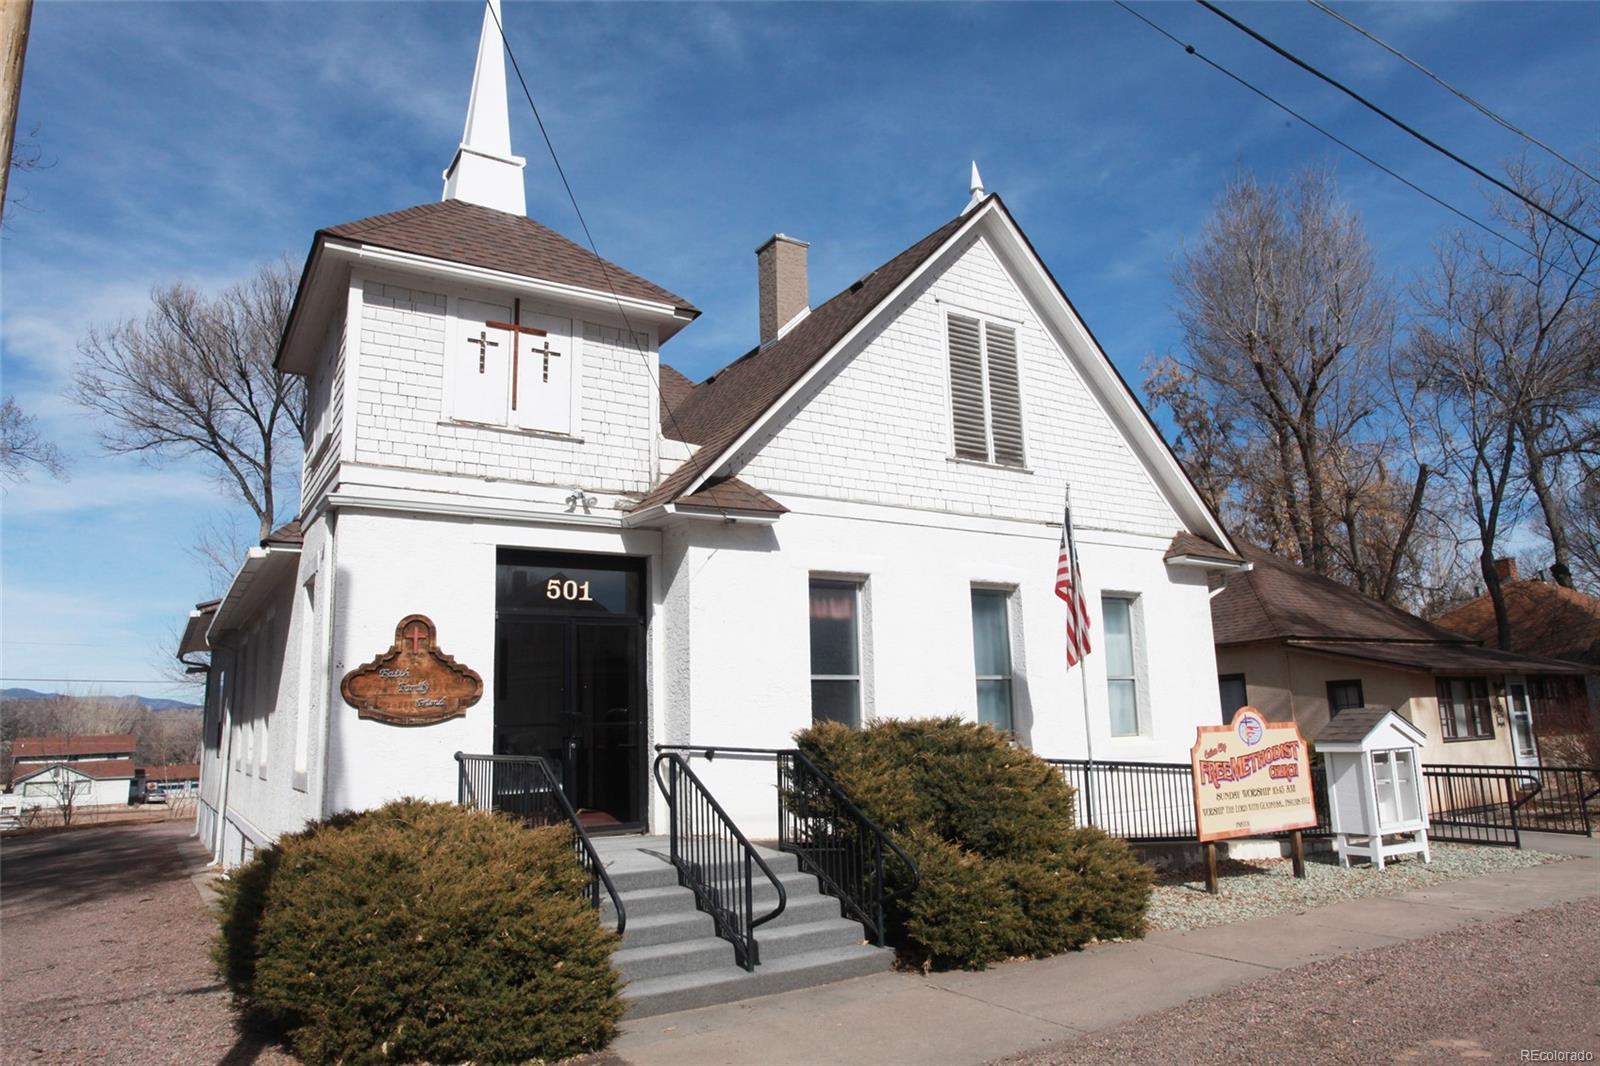 501 Griffin Avenue, Canon City, CO 81212 - Canon City, CO real estate listing